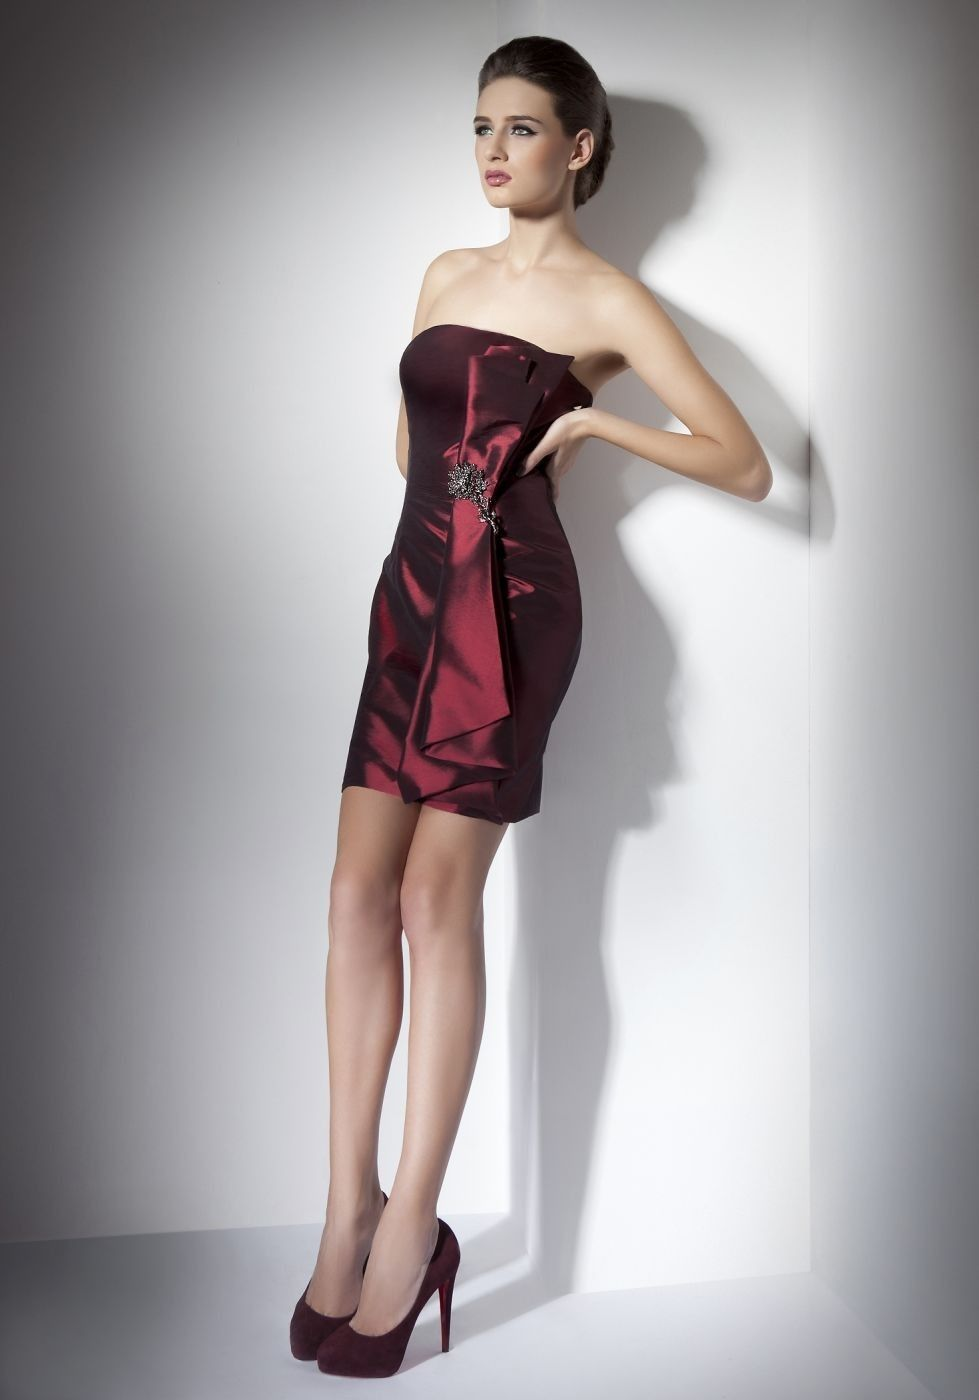 Thigh Length Wedding Dress